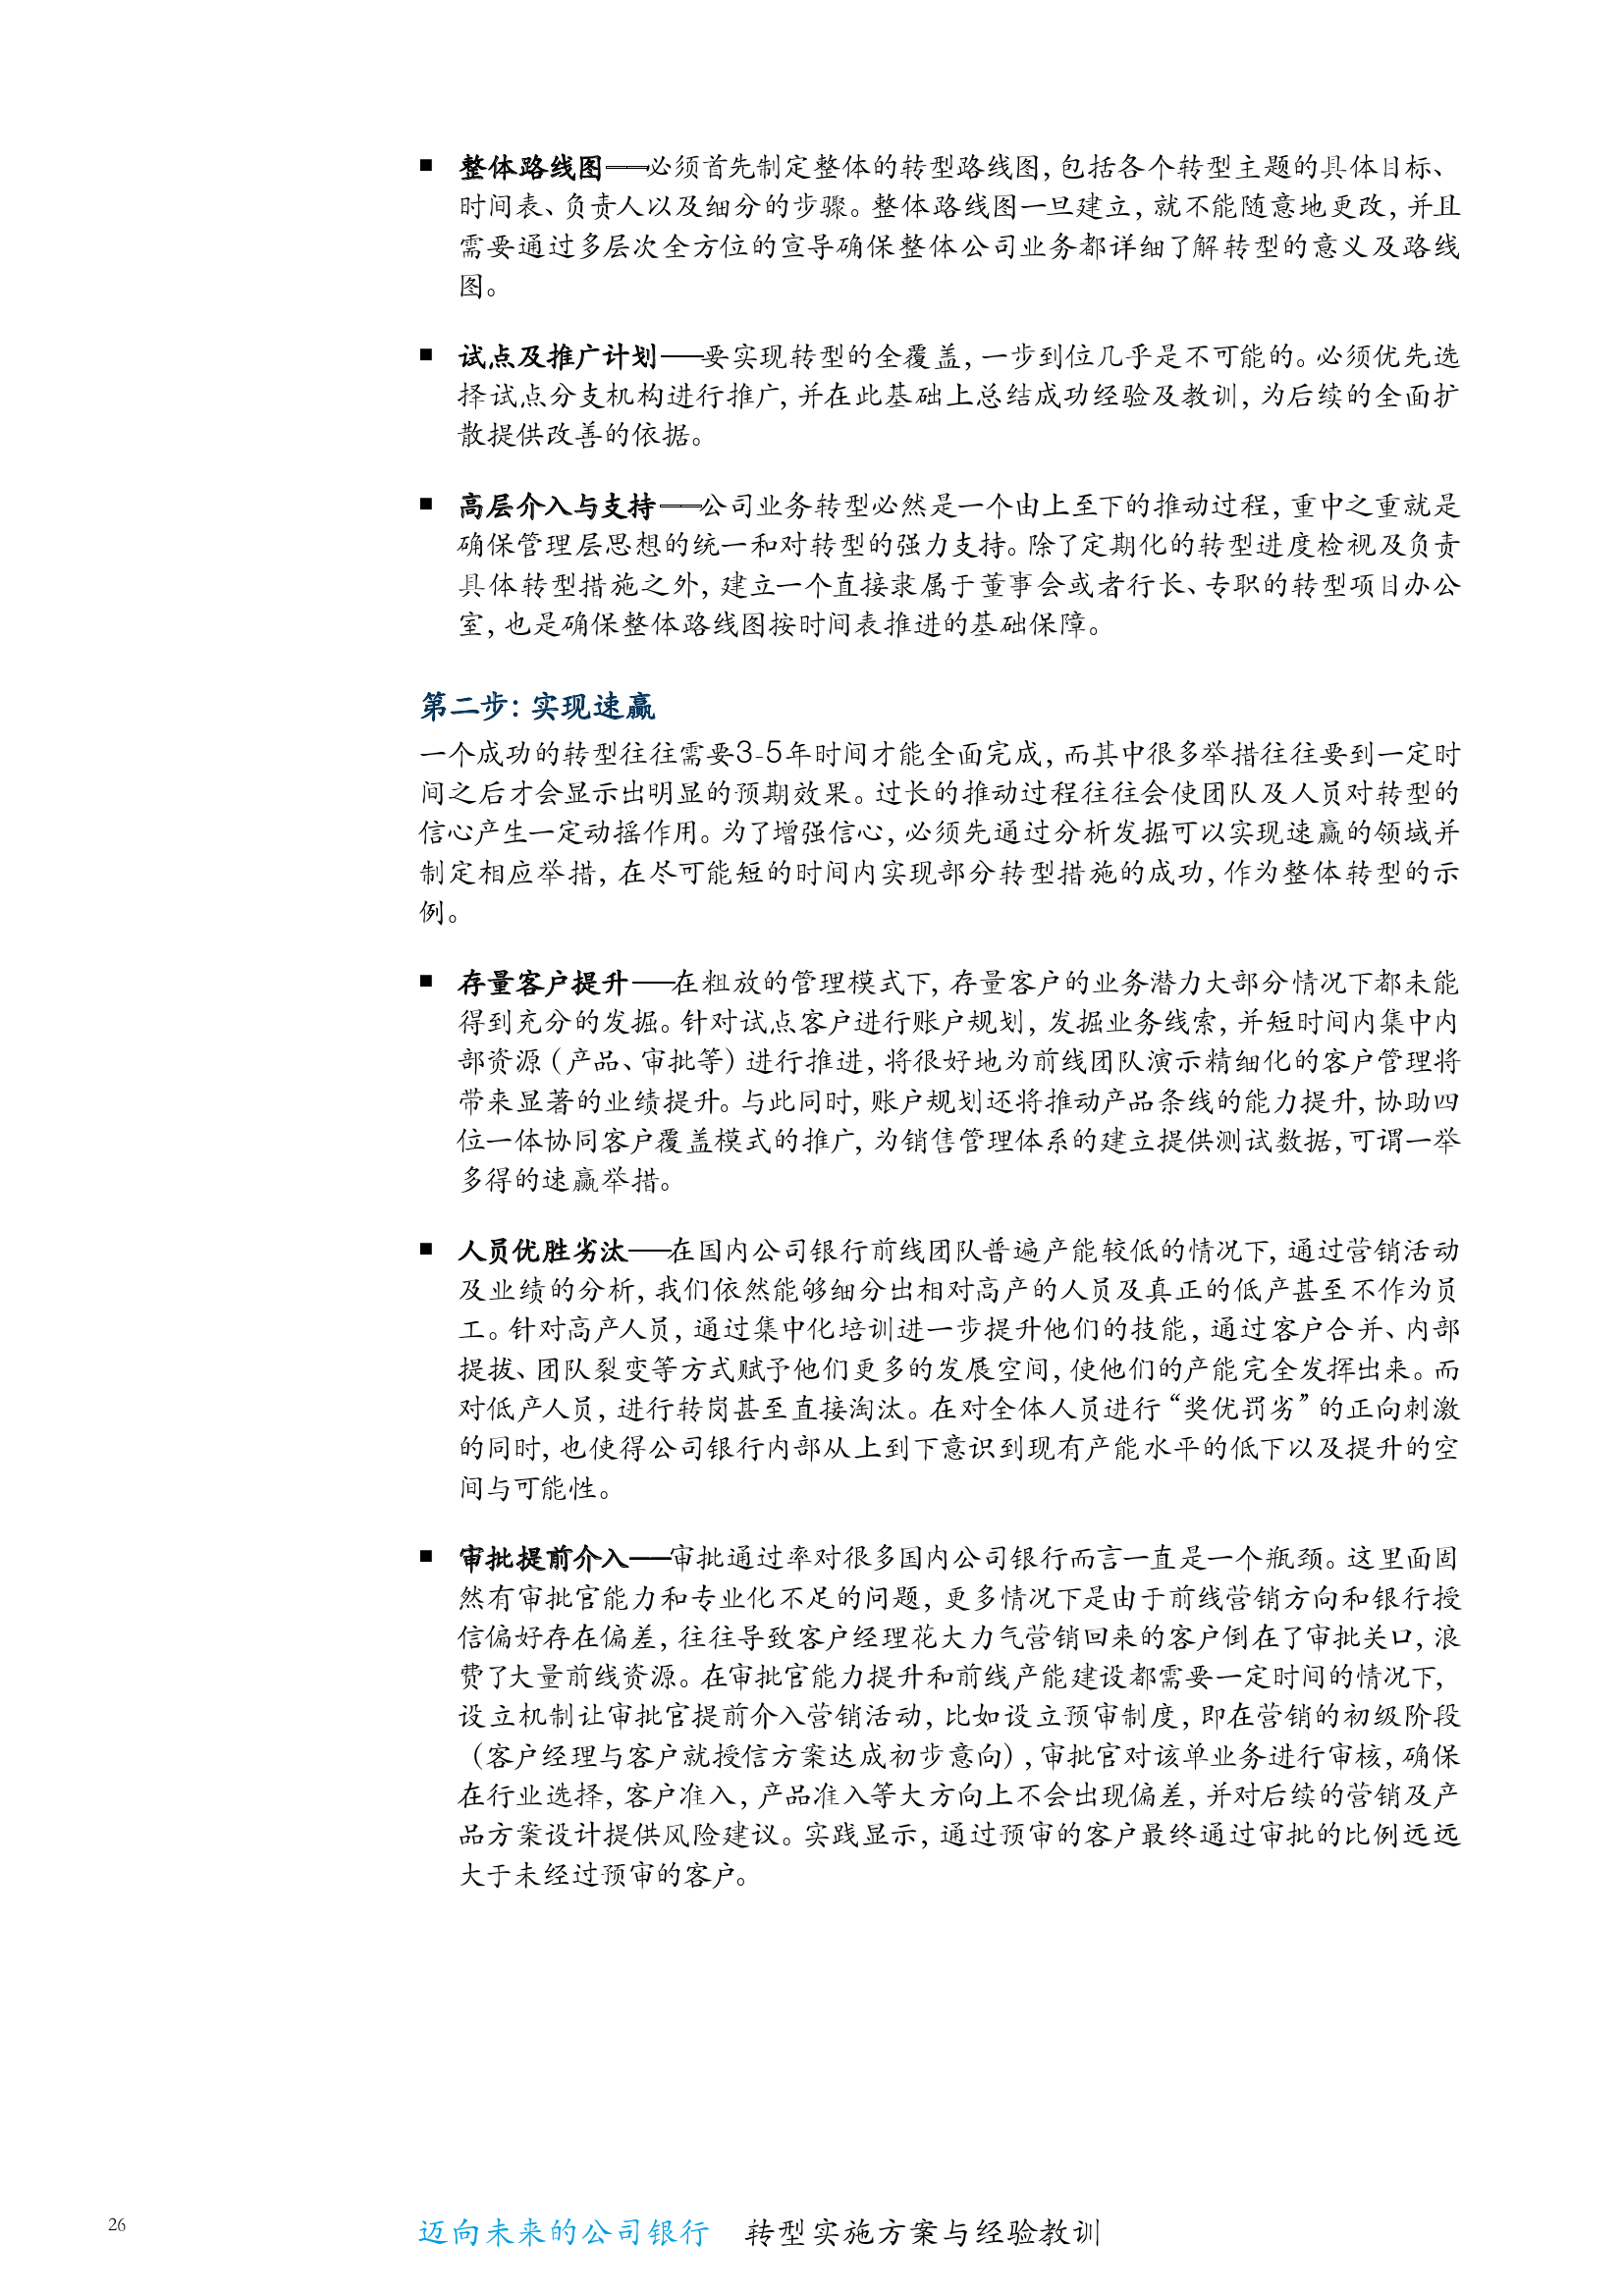 中国银行业白皮书--迈向未来的公司银行_000032